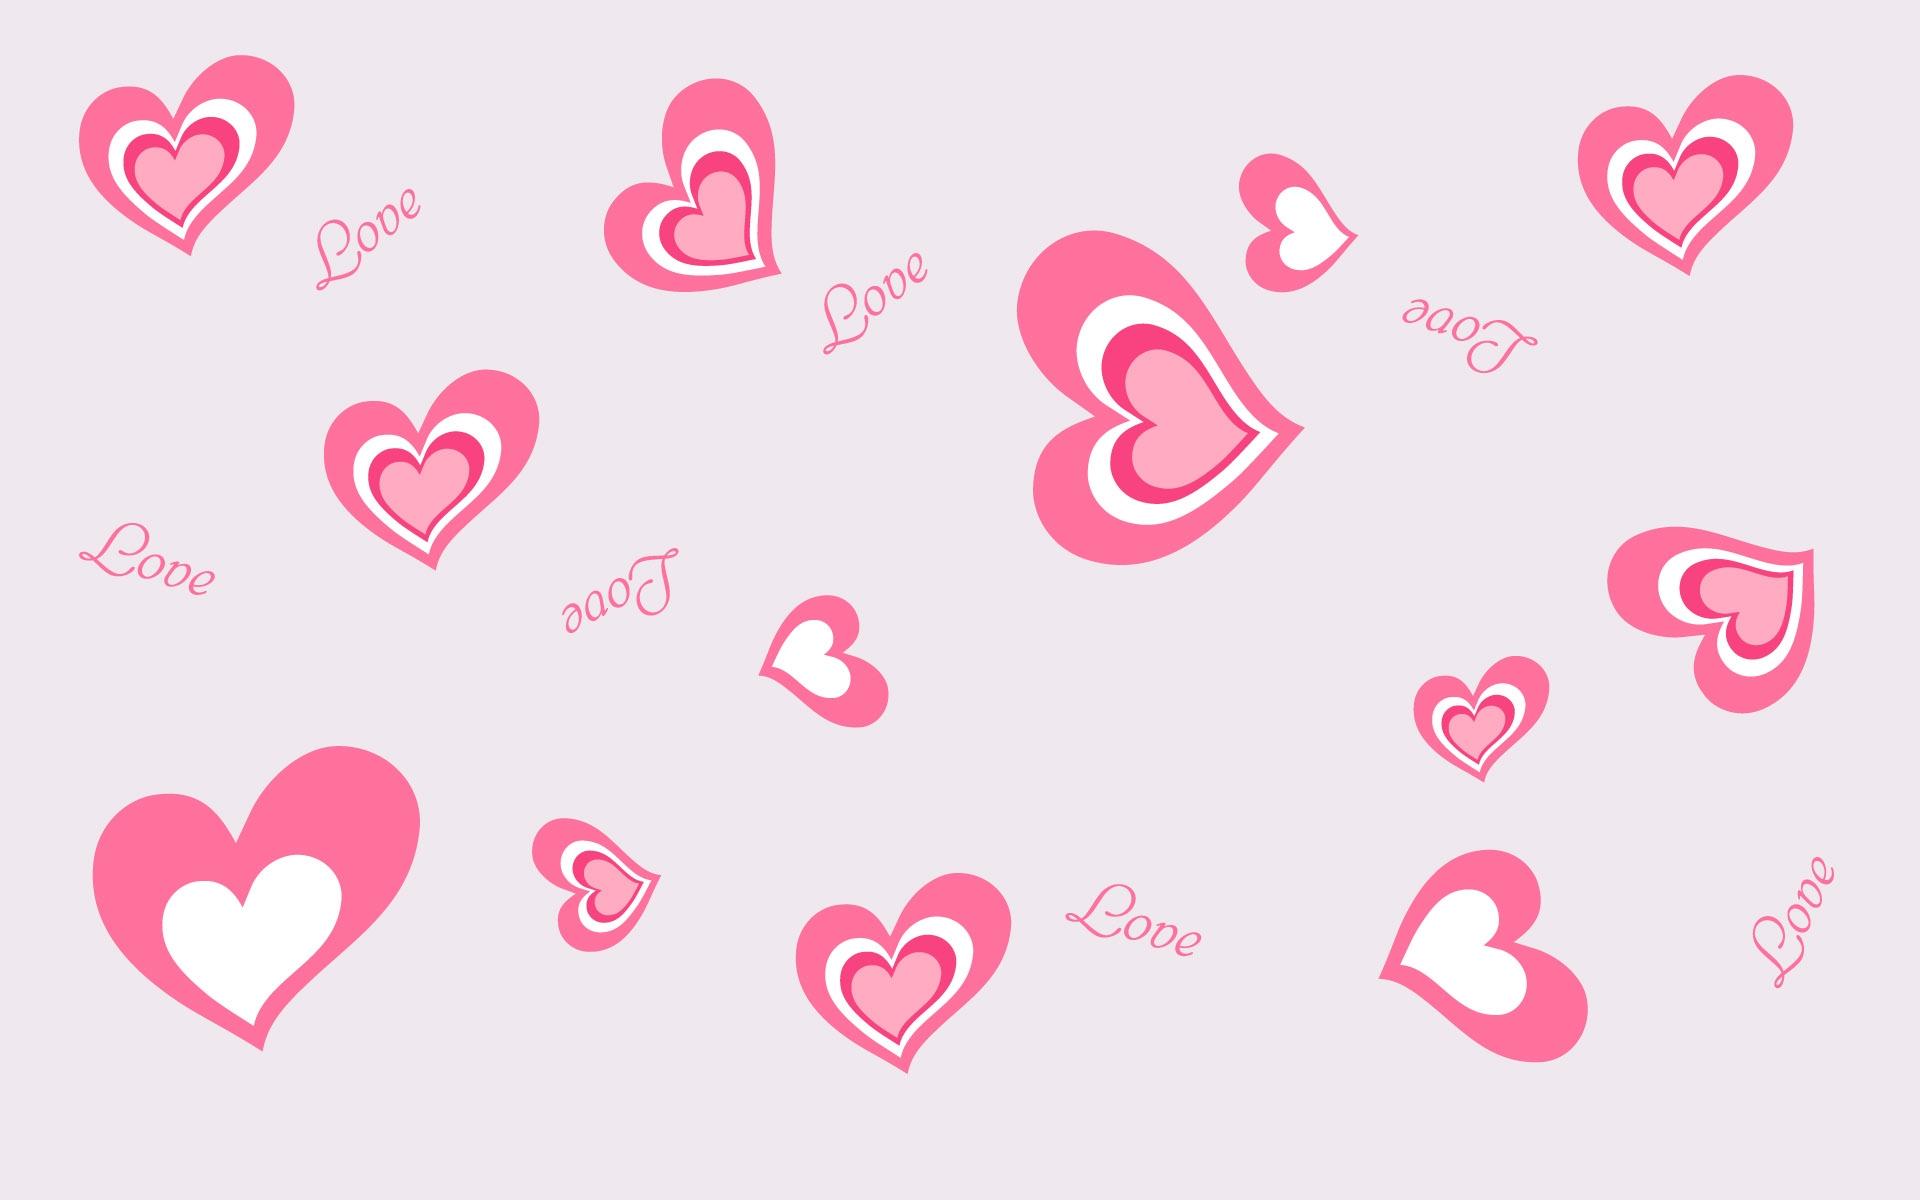 Wallpaper de dibujos de corazones wallpapers for Love theme images